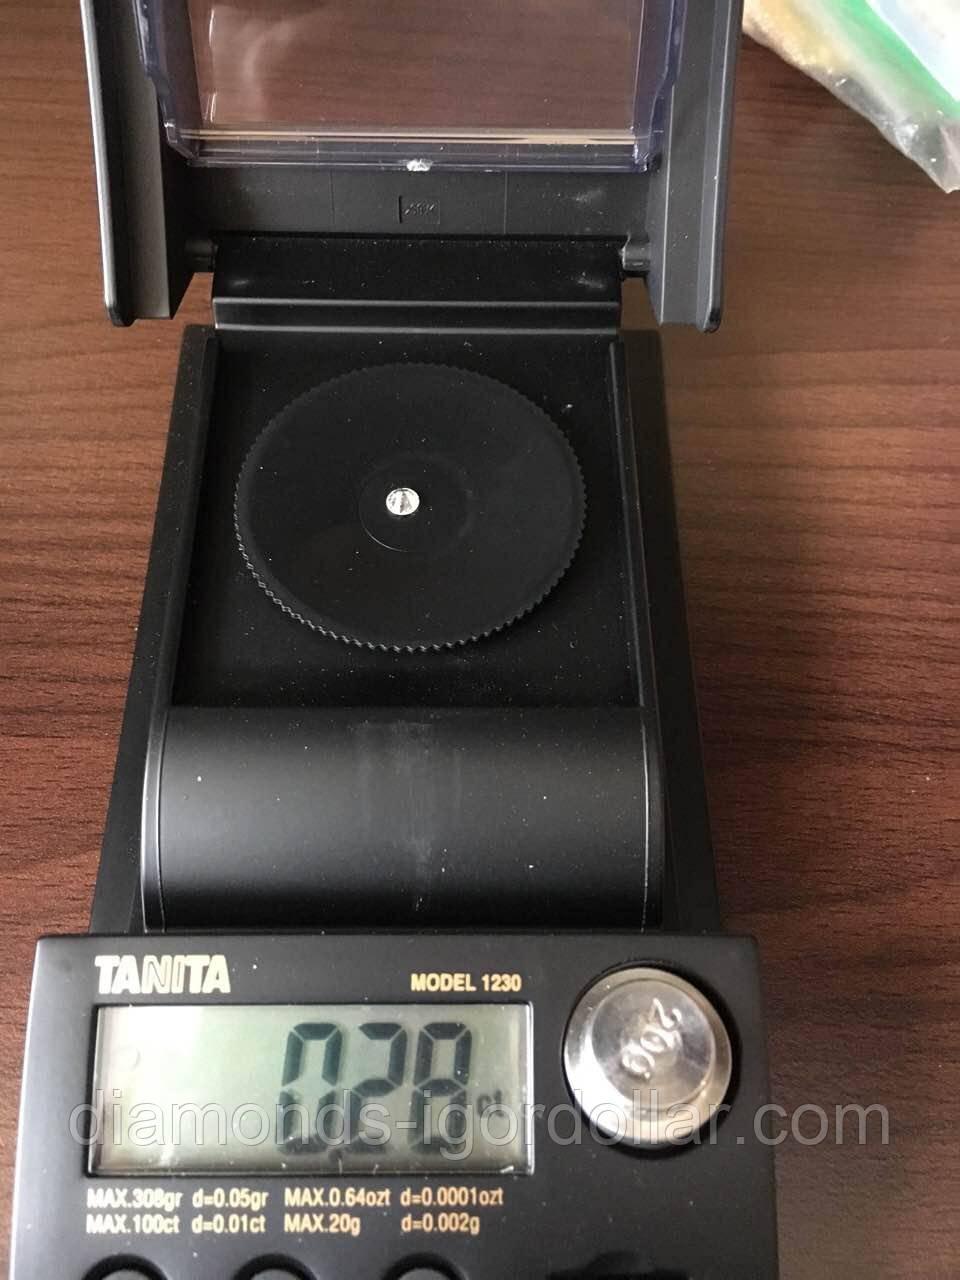 Купить бриллиант натуральный природный Украина 4.2 мм 0.28 кт 3/4-4/5 супер цена